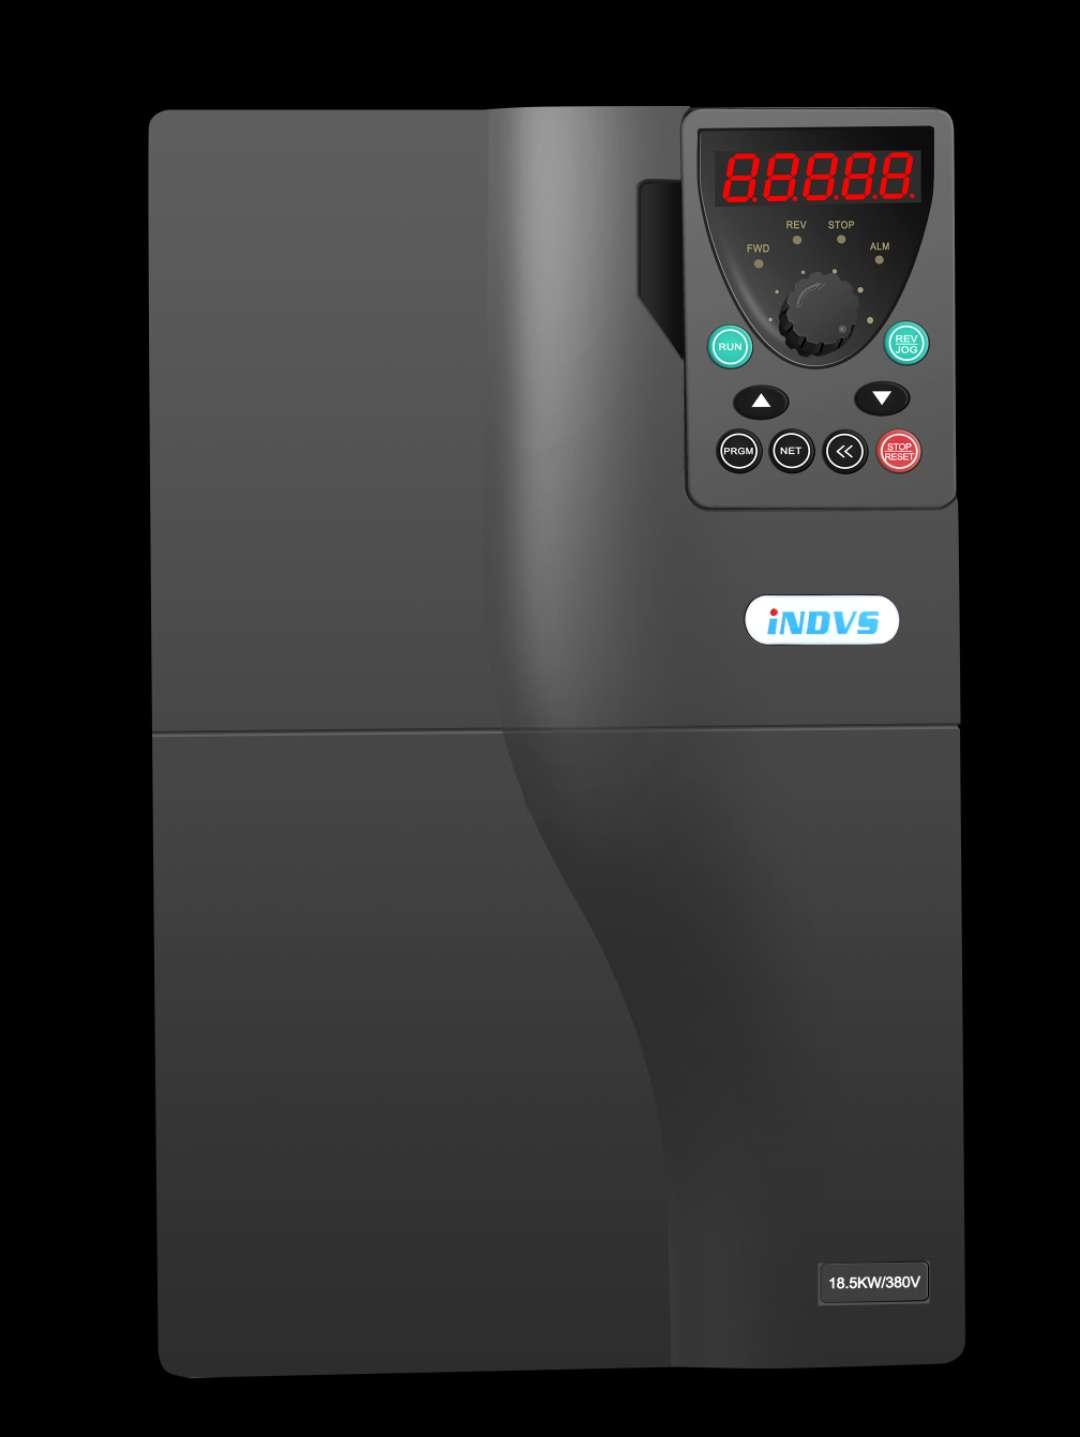 英捷思变频器 Y500-XS0007M1 轻捷型/面板式